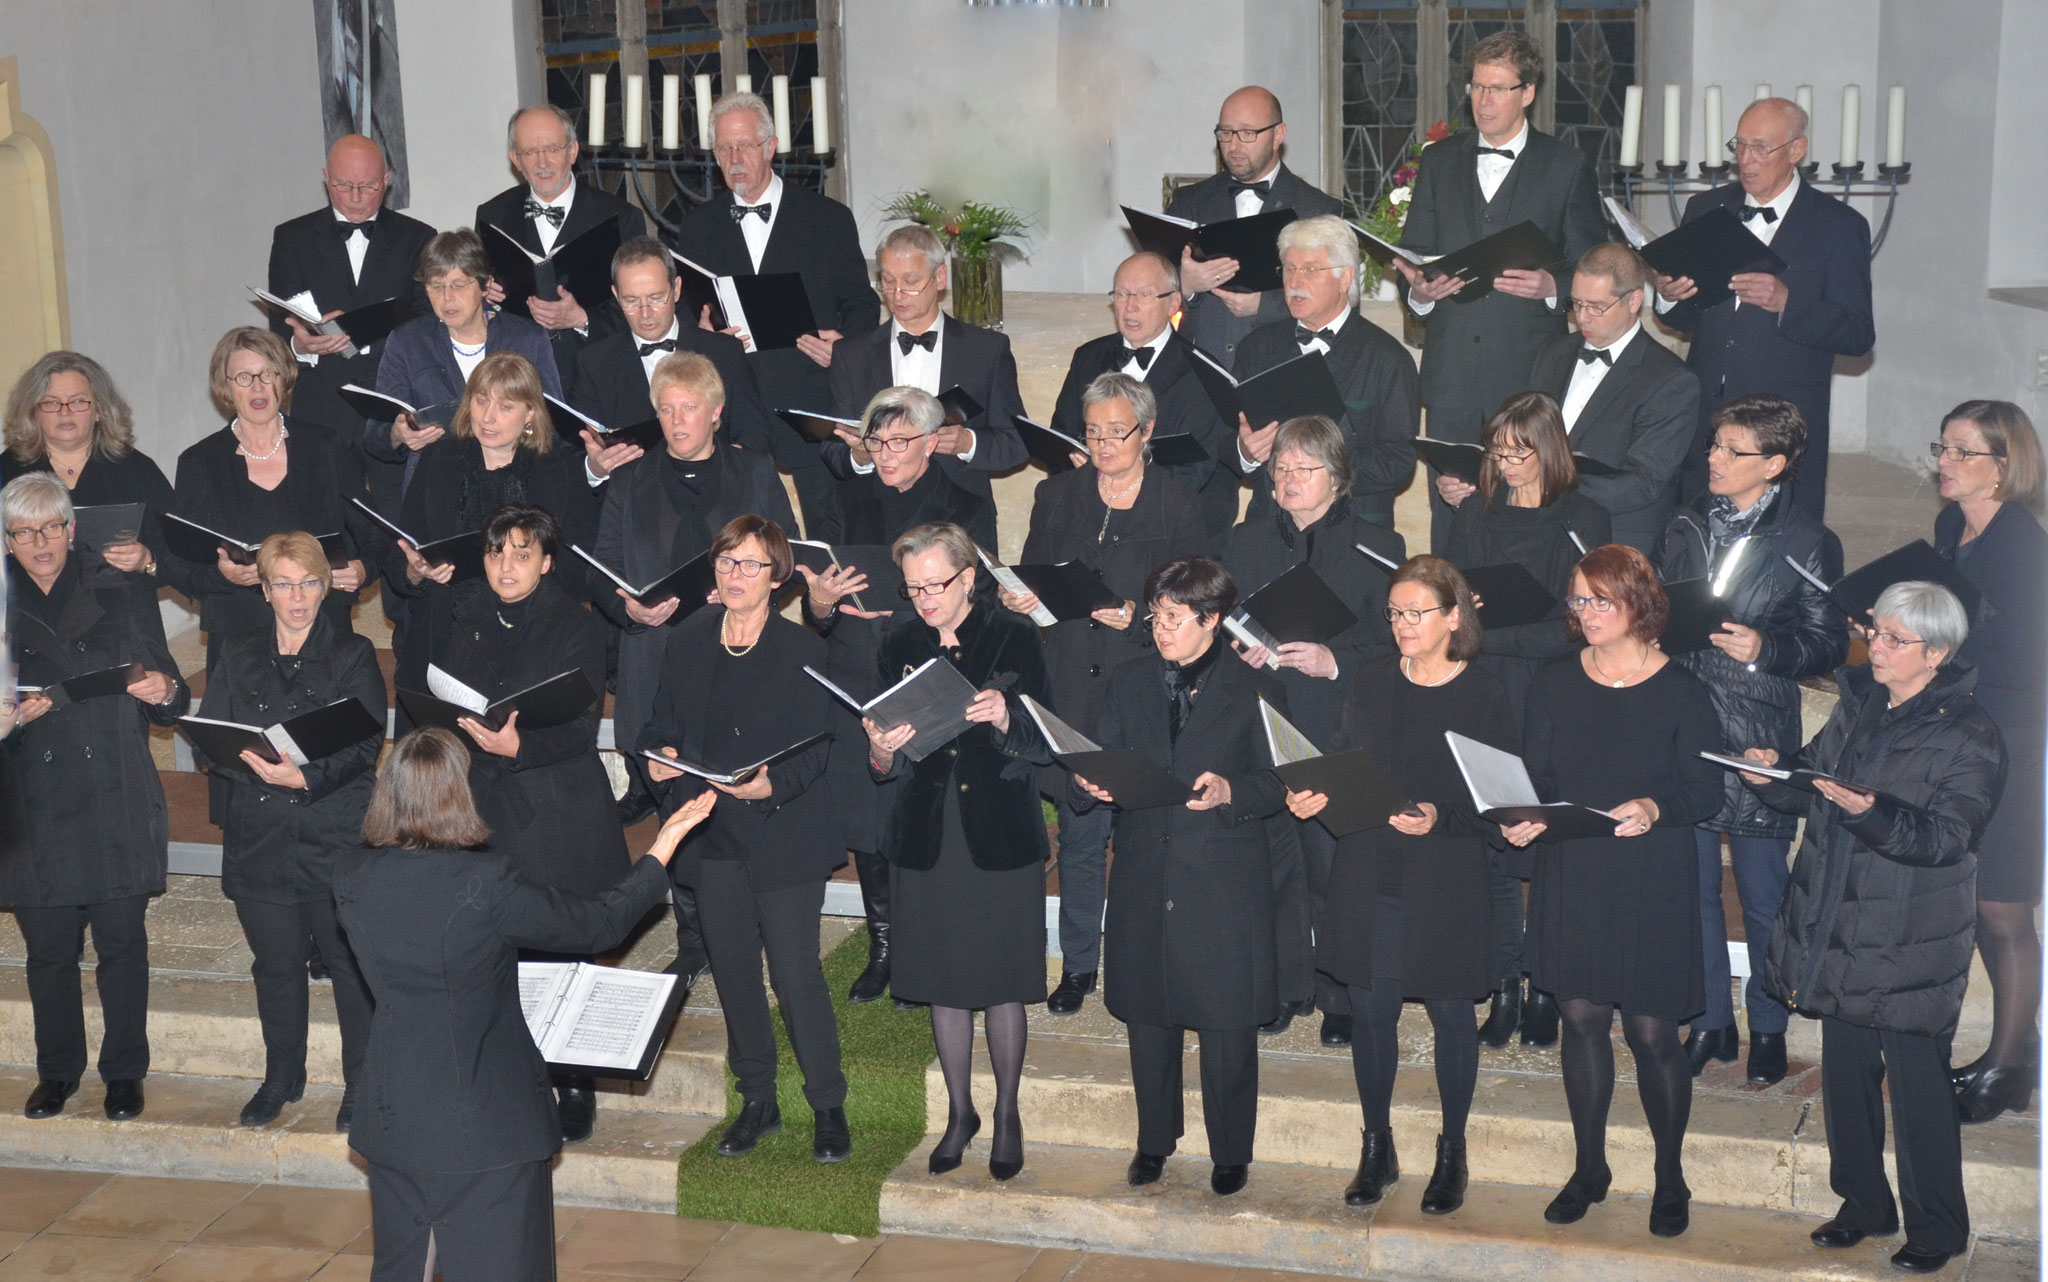 Geistliches Konzert in St. Matthäus Ingolstadt (2017)